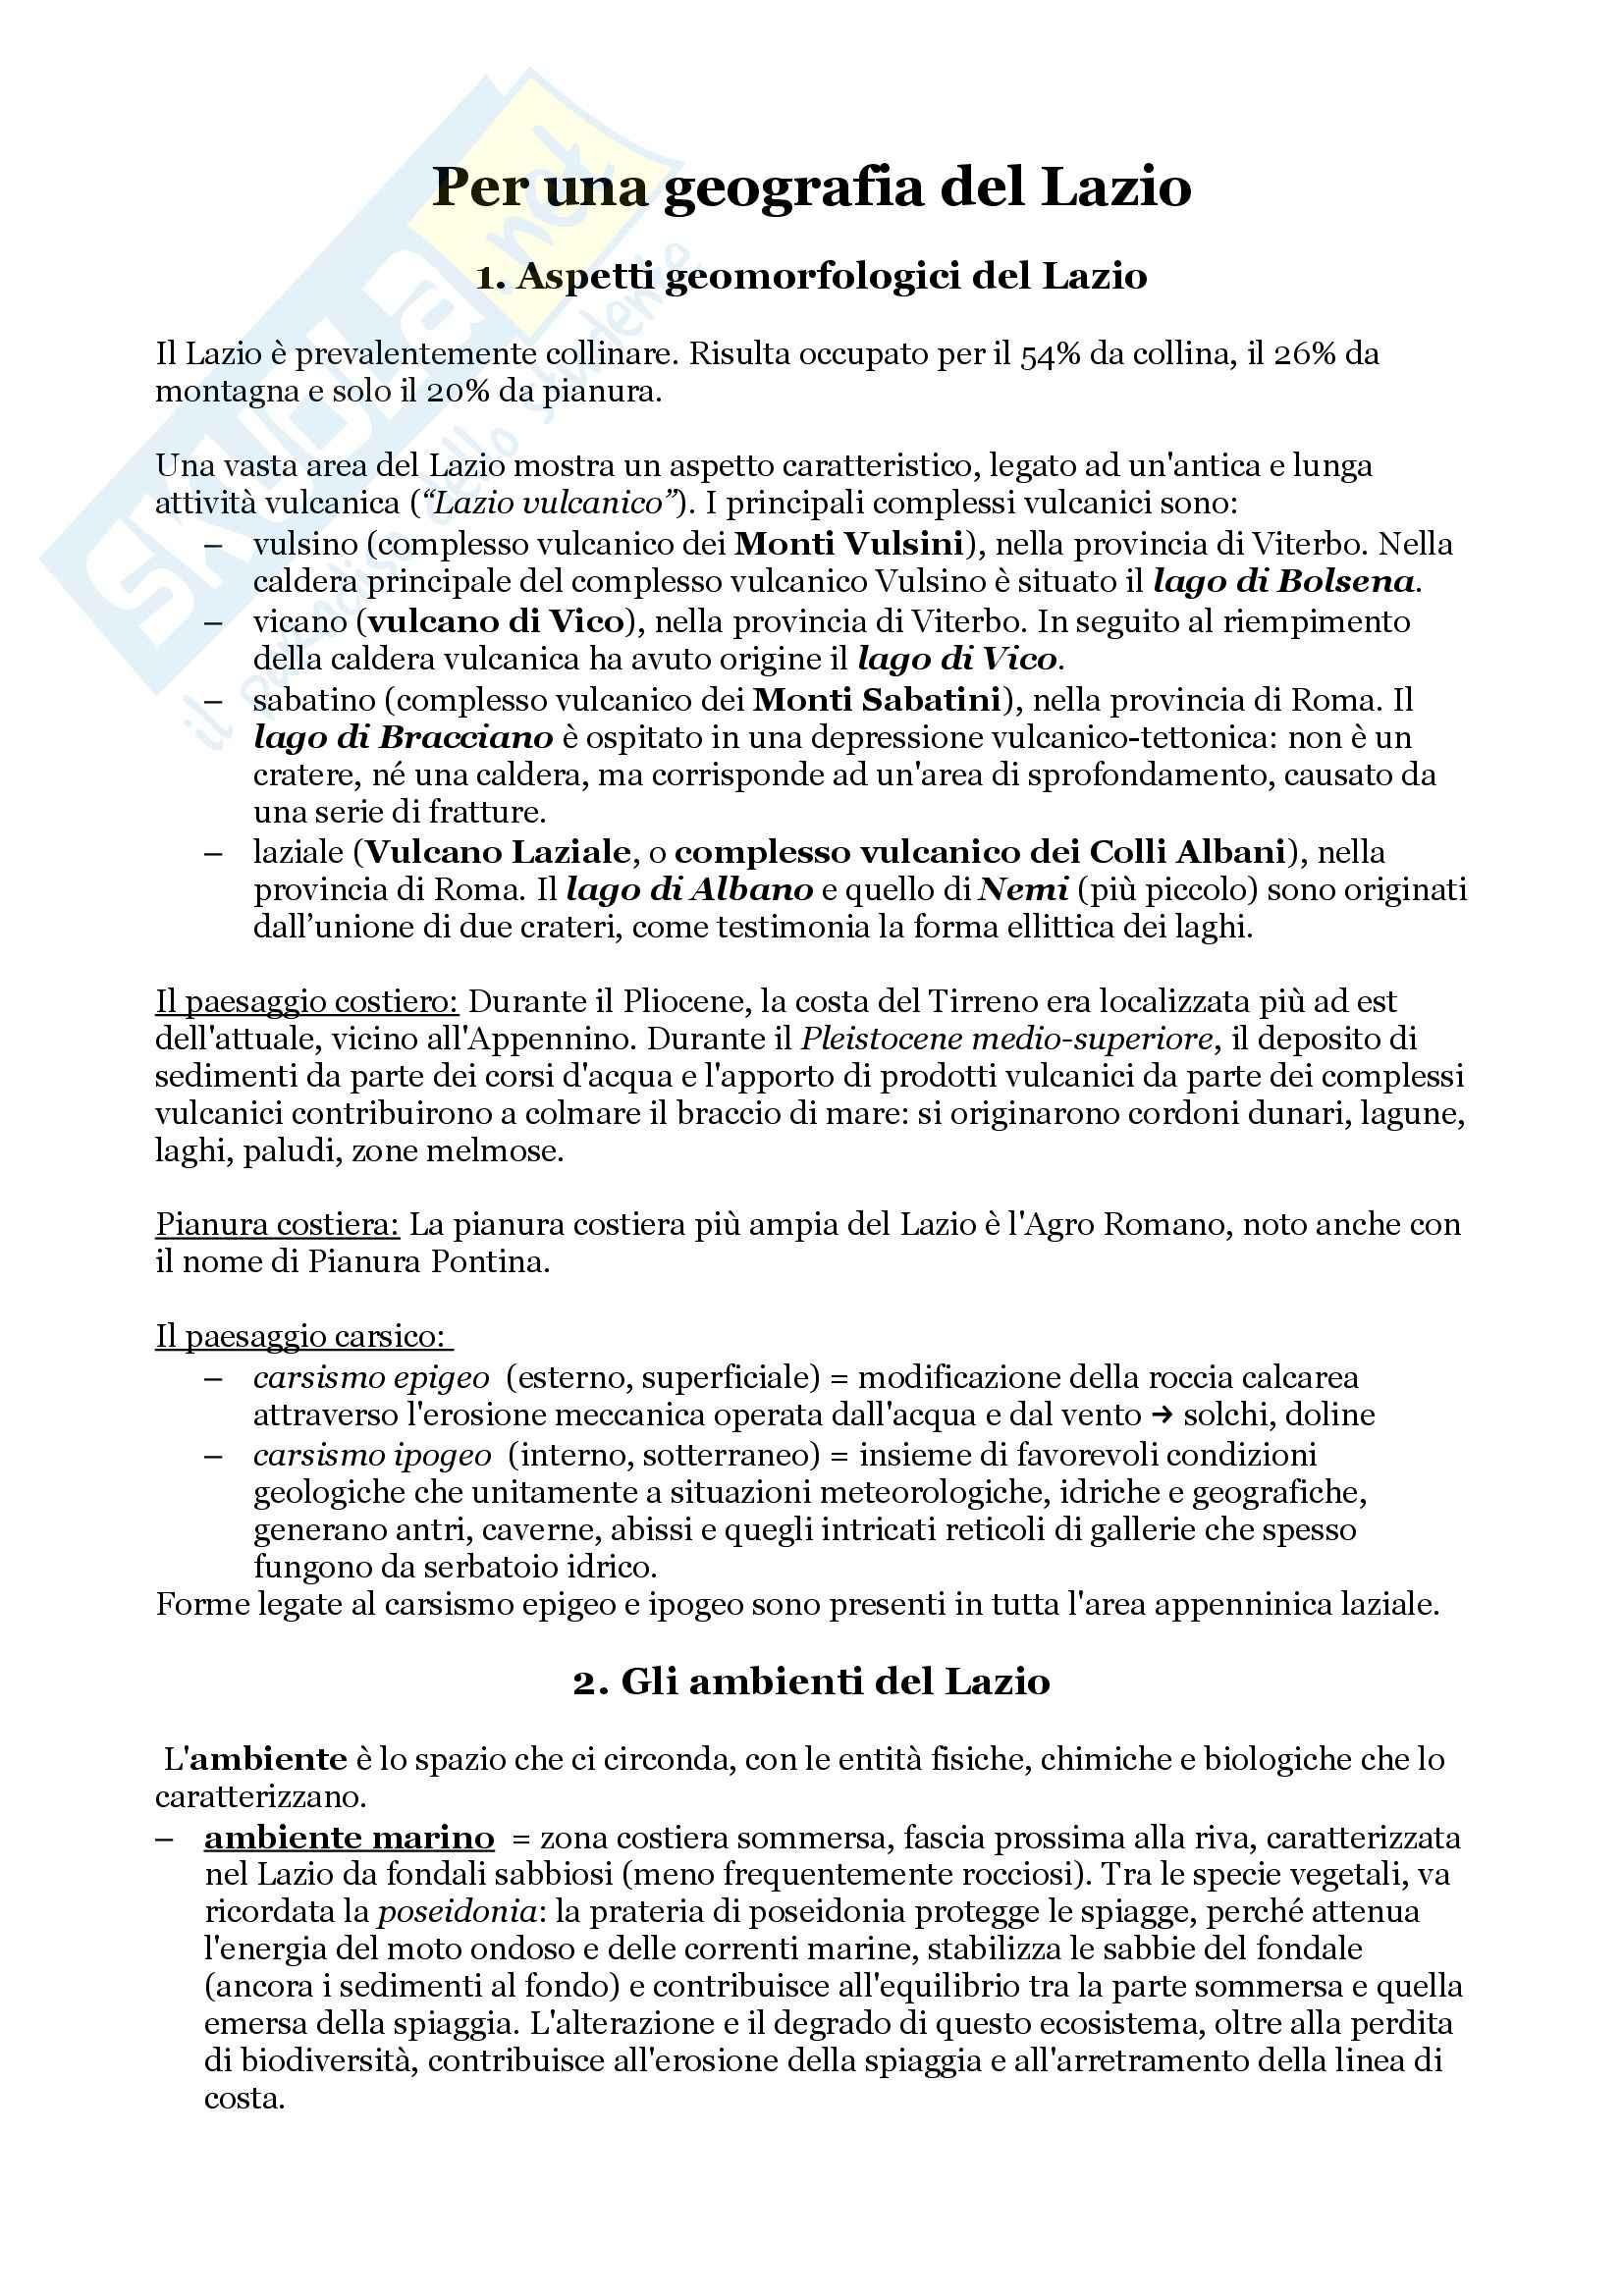 Per una geografia del Lazio, De Vecchis - Appunti